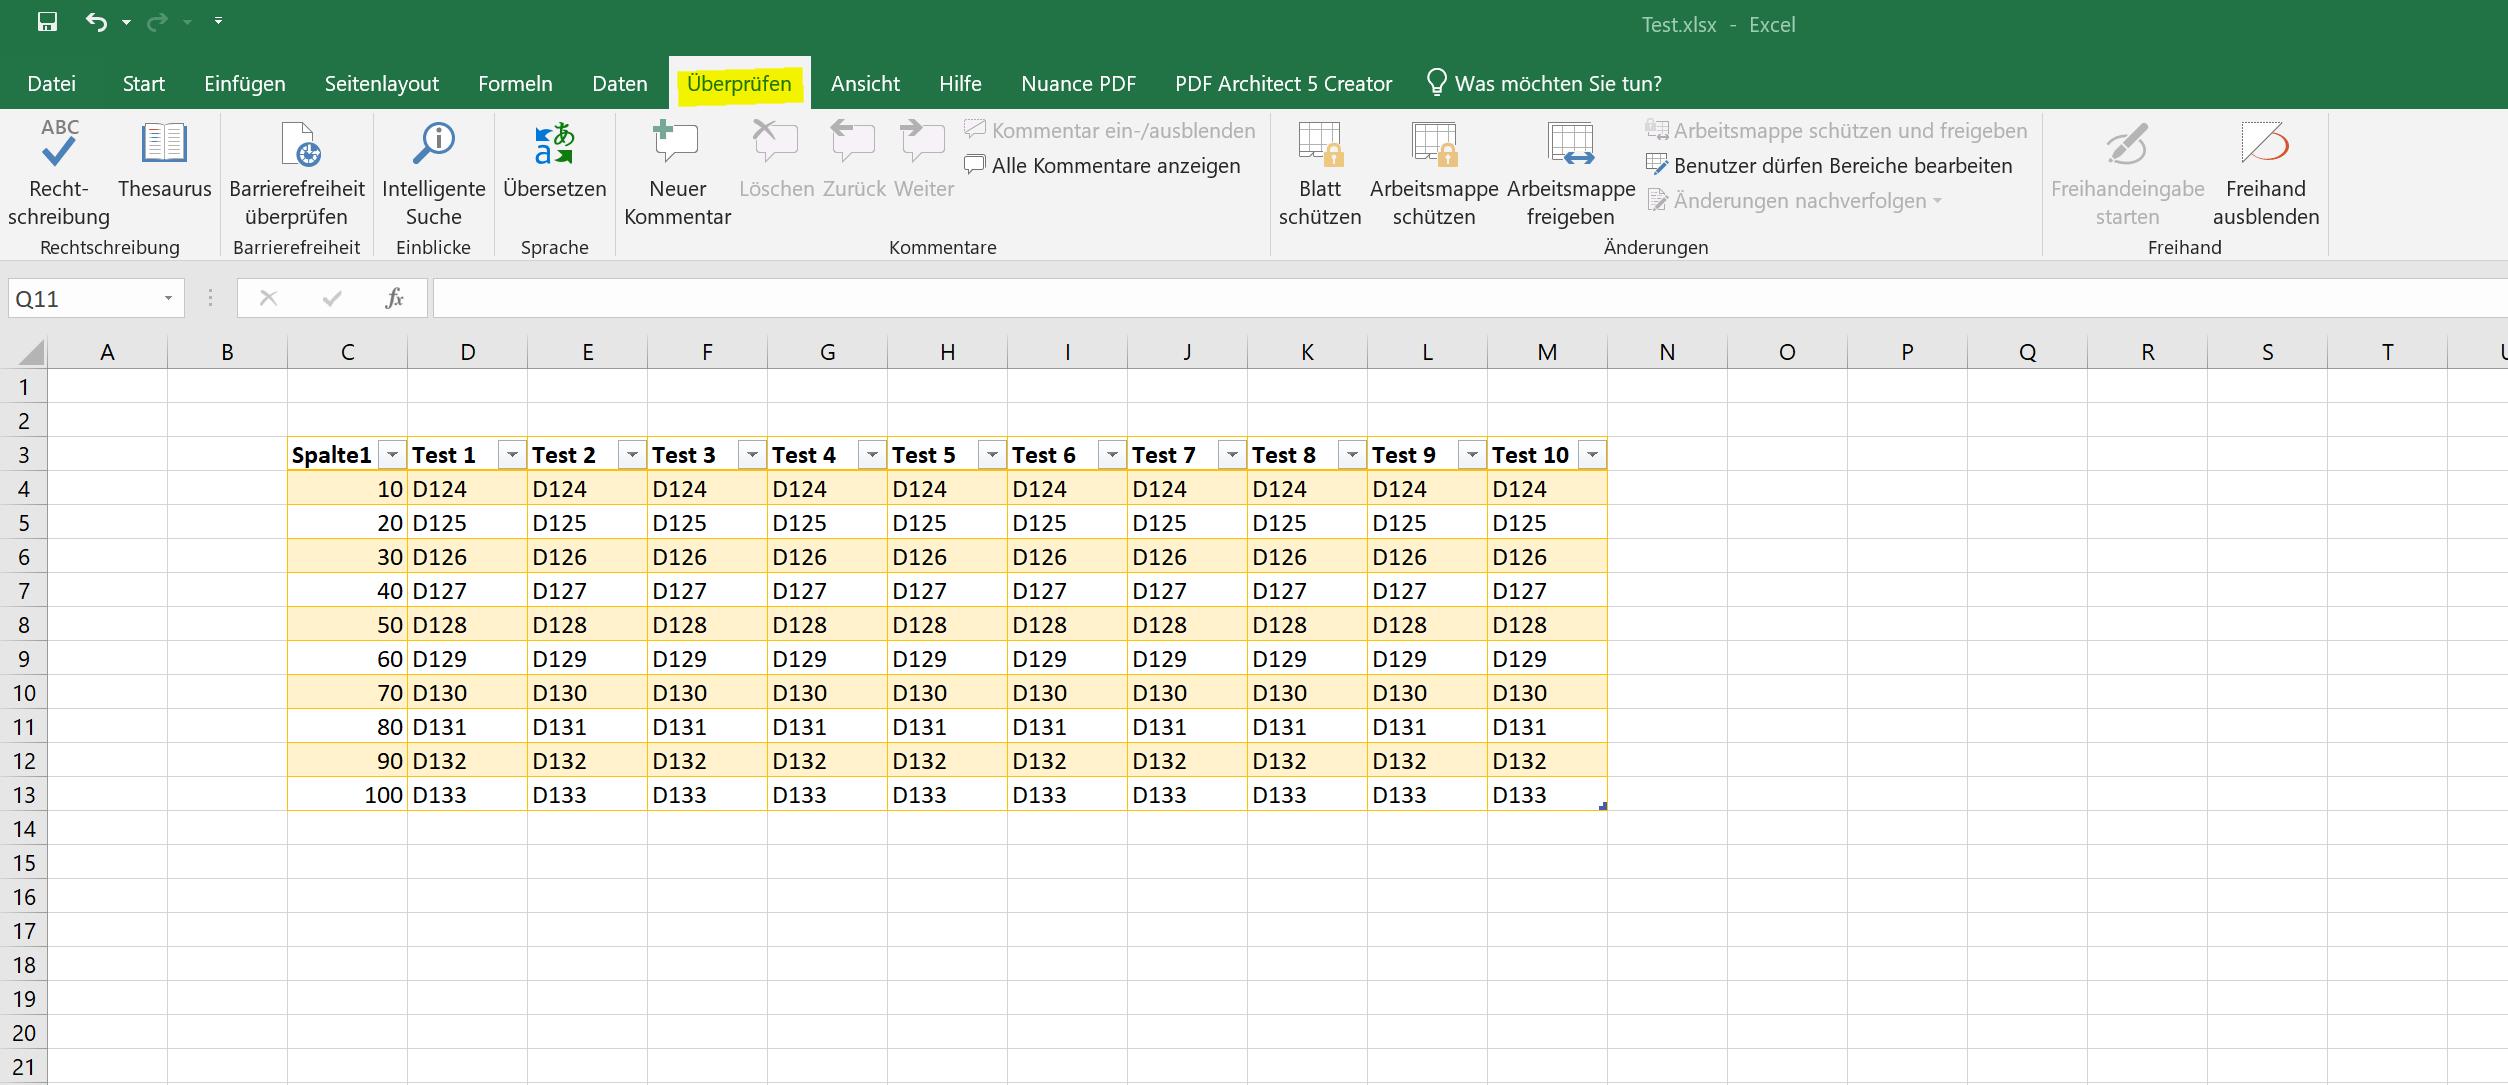 Excel 2019 - Reiter - Übersicht 4